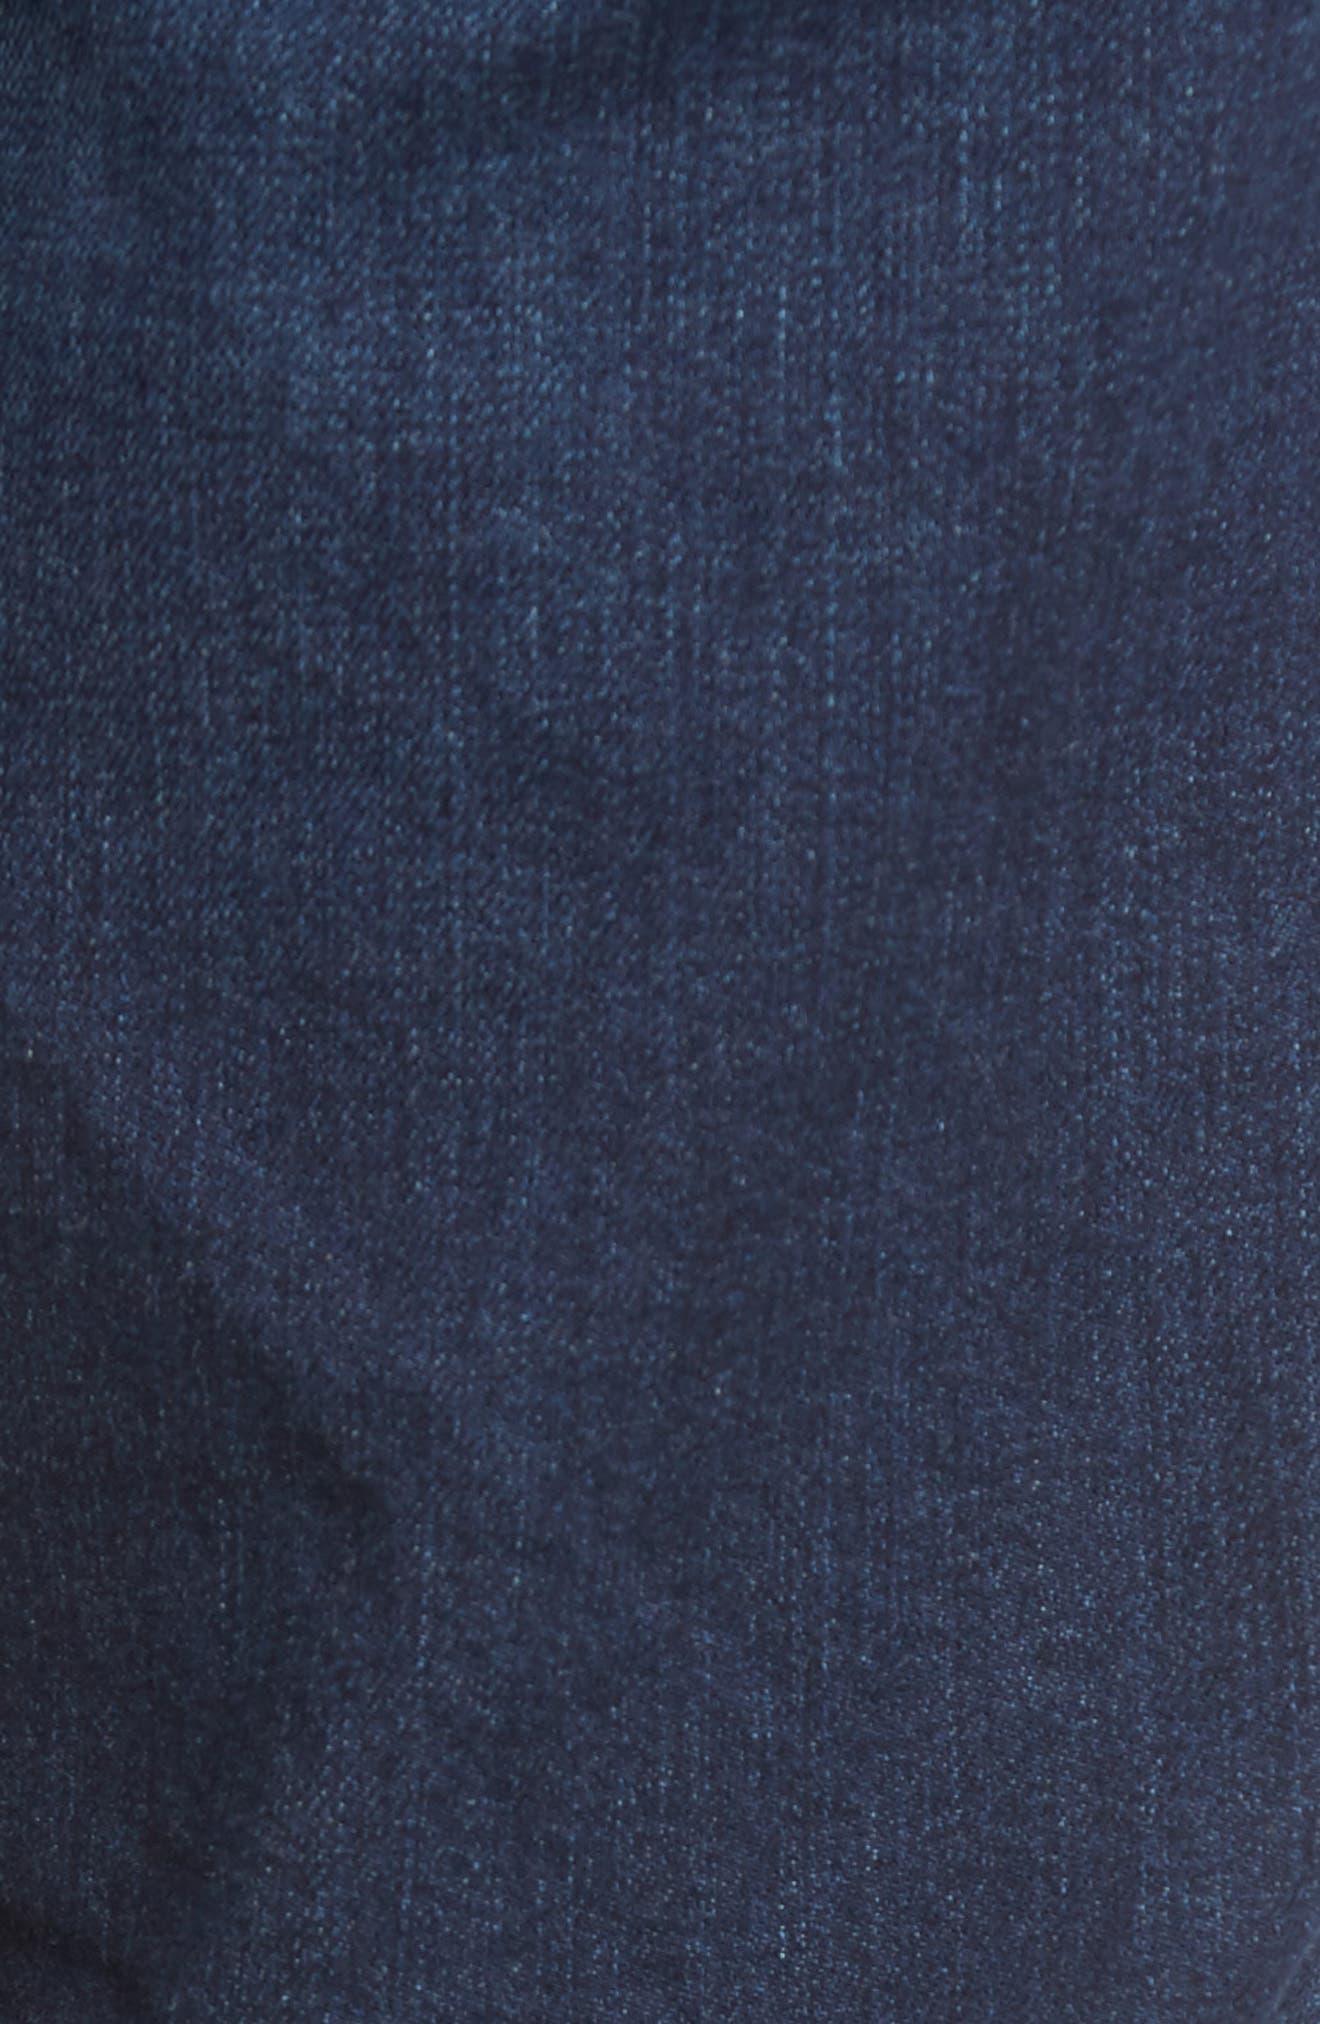 Sleenker Skinny Fit Jeans,                             Alternate thumbnail 5, color,                             0854E